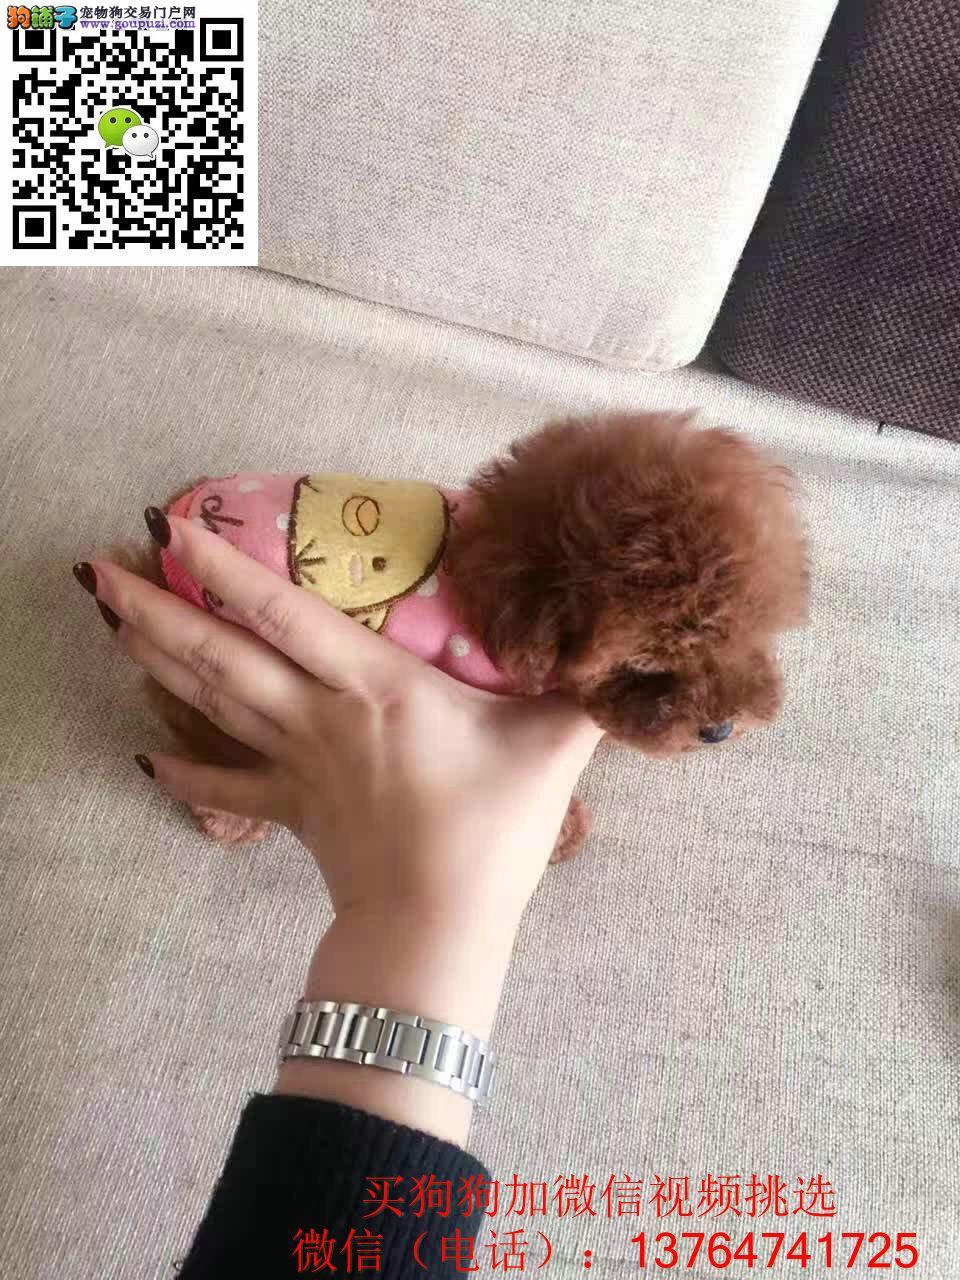 广州贵宾犬出售广州哪卖贵宾犬保证健康纯正